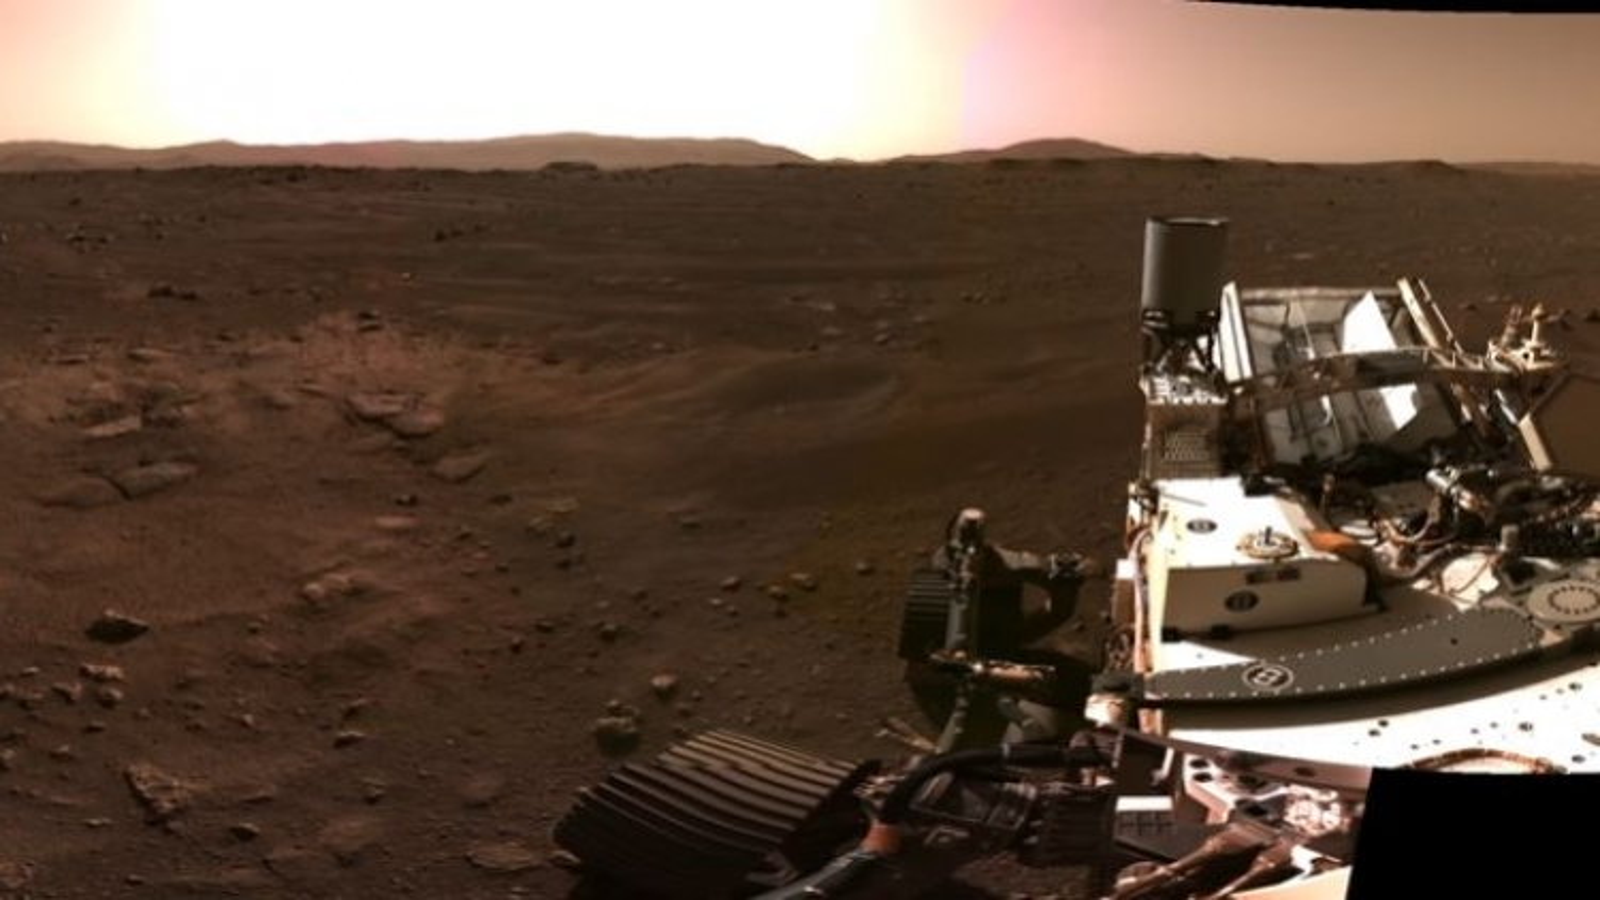 Ảnh toàn cảnh ấn tượng về bề mặt sao Hỏa từ tàu thám hiểm Perseverance